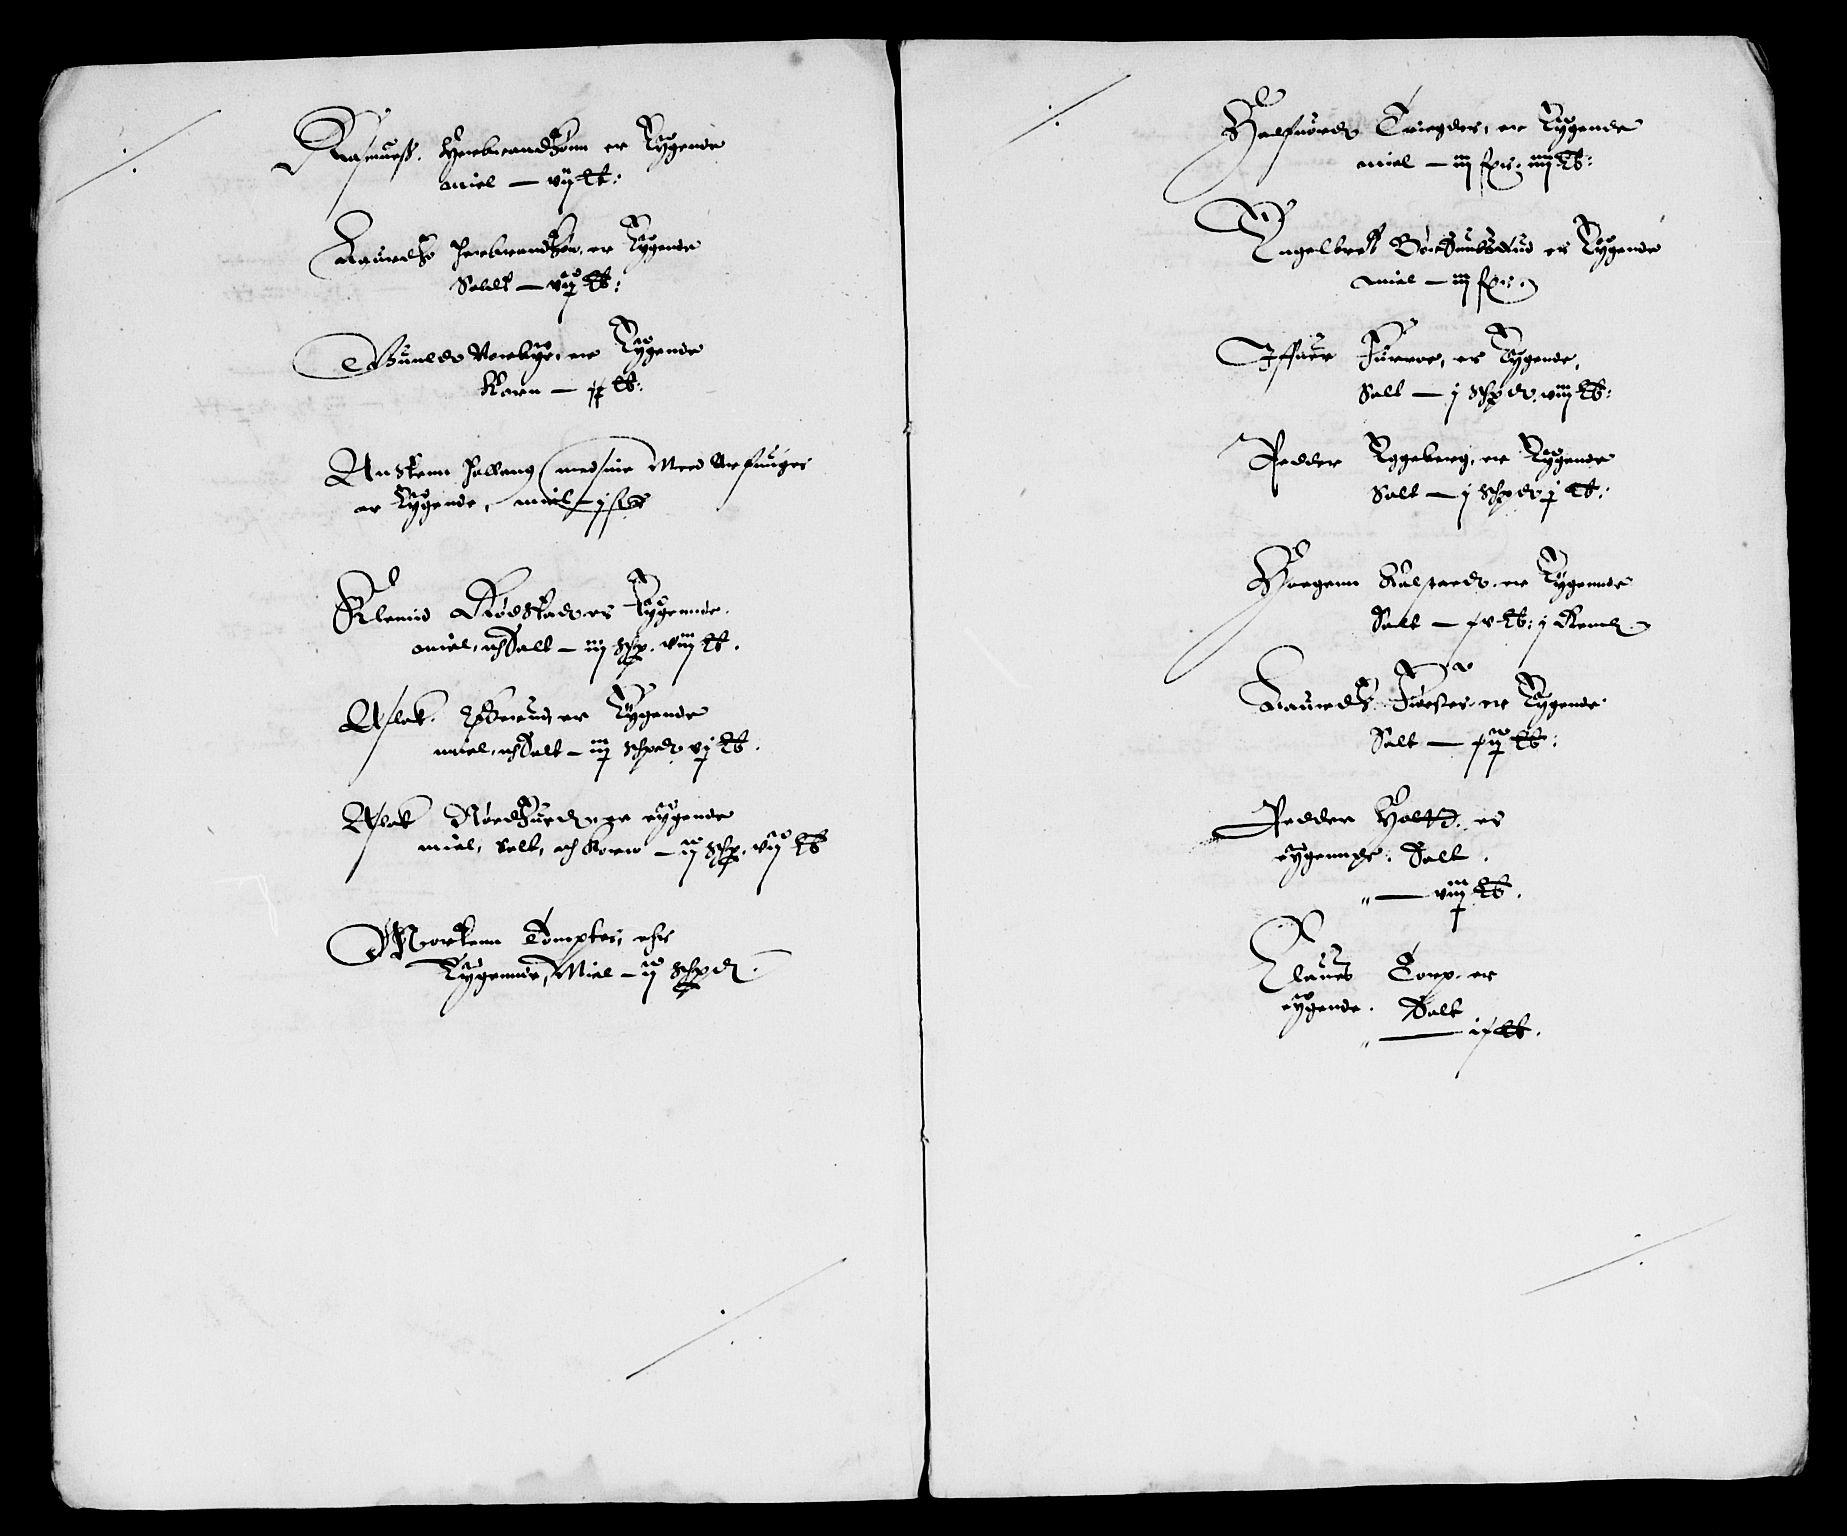 RA, Rentekammeret inntil 1814, Reviderte regnskaper, Lensregnskaper, R/Rb/Rba/L0131: Akershus len, 1636-1637